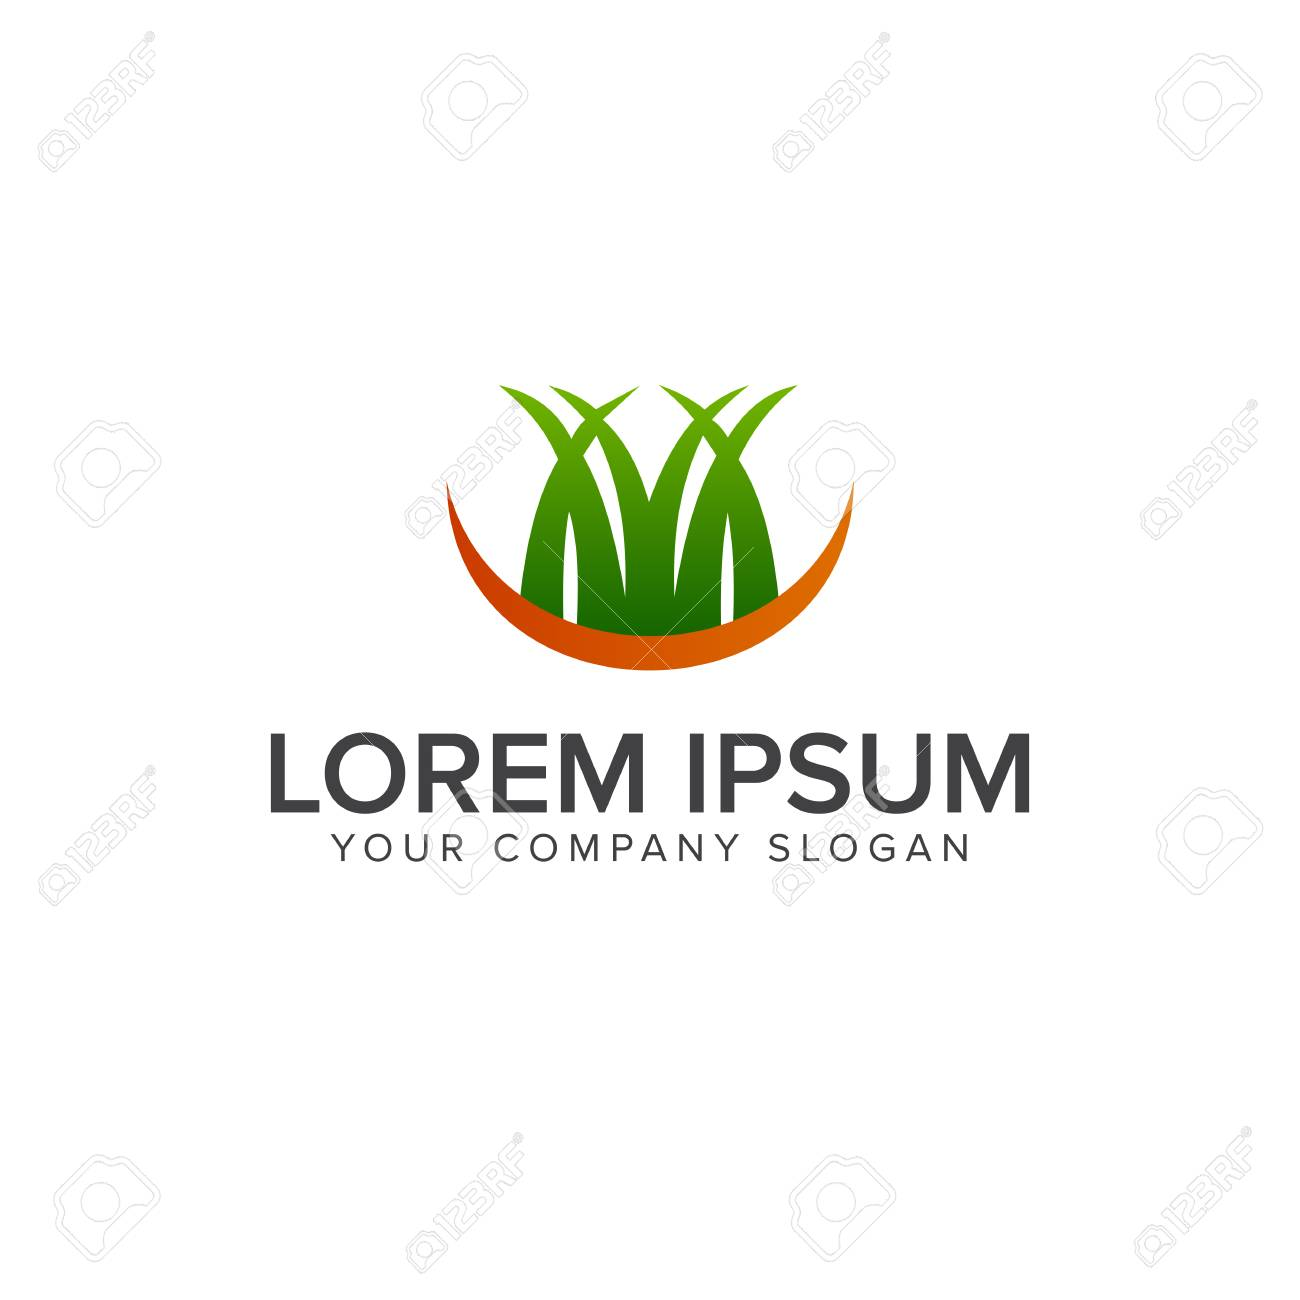 Logo De La Hierba. Paisajismo Jardín Logo Diseño Concepto Plantilla ...